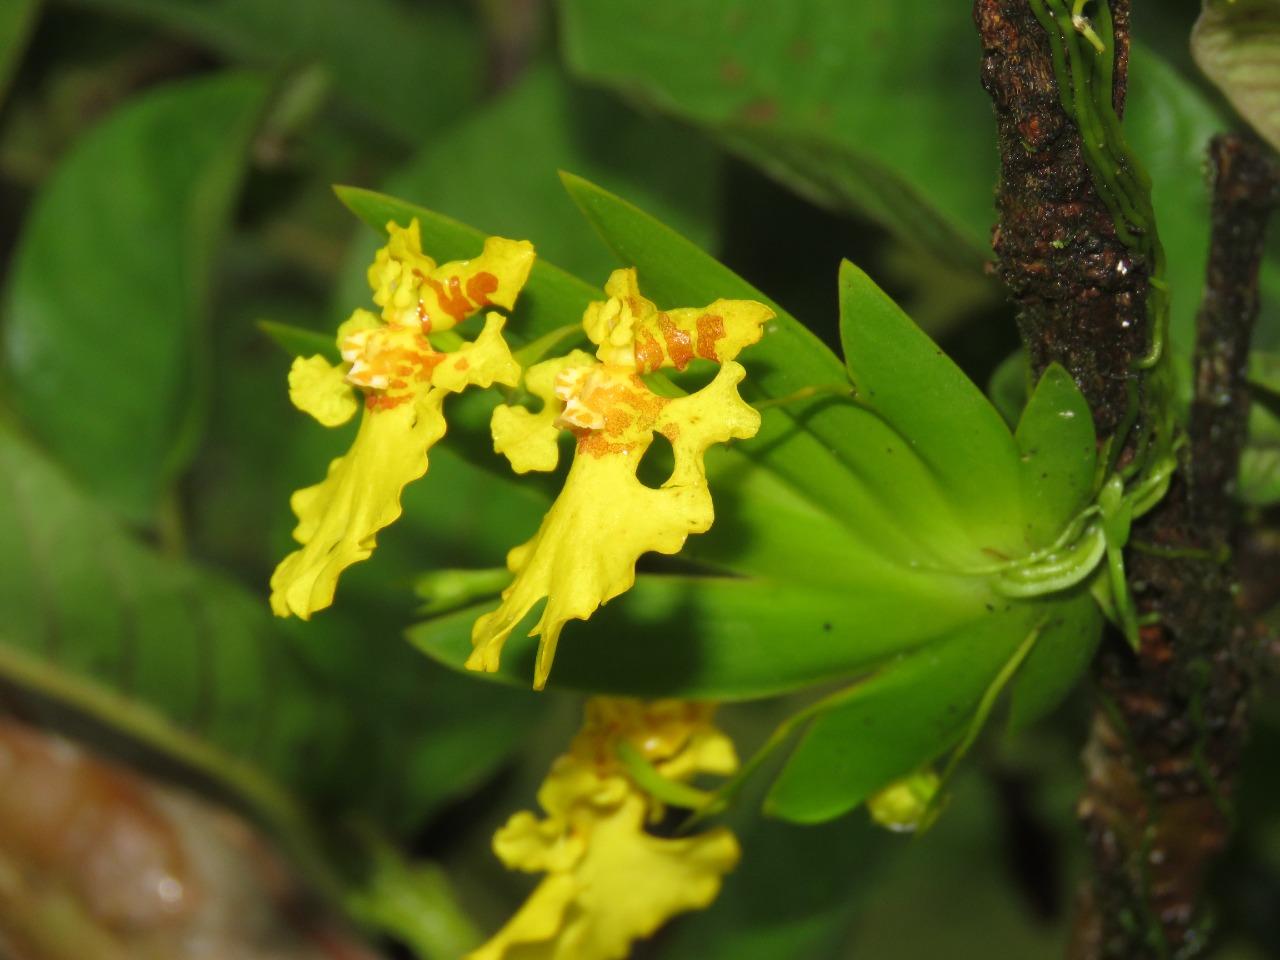 194 especies de orquídeas y bromelias han sido reubicadas para preservar la biodiversidad en la Autopista al Mar 2